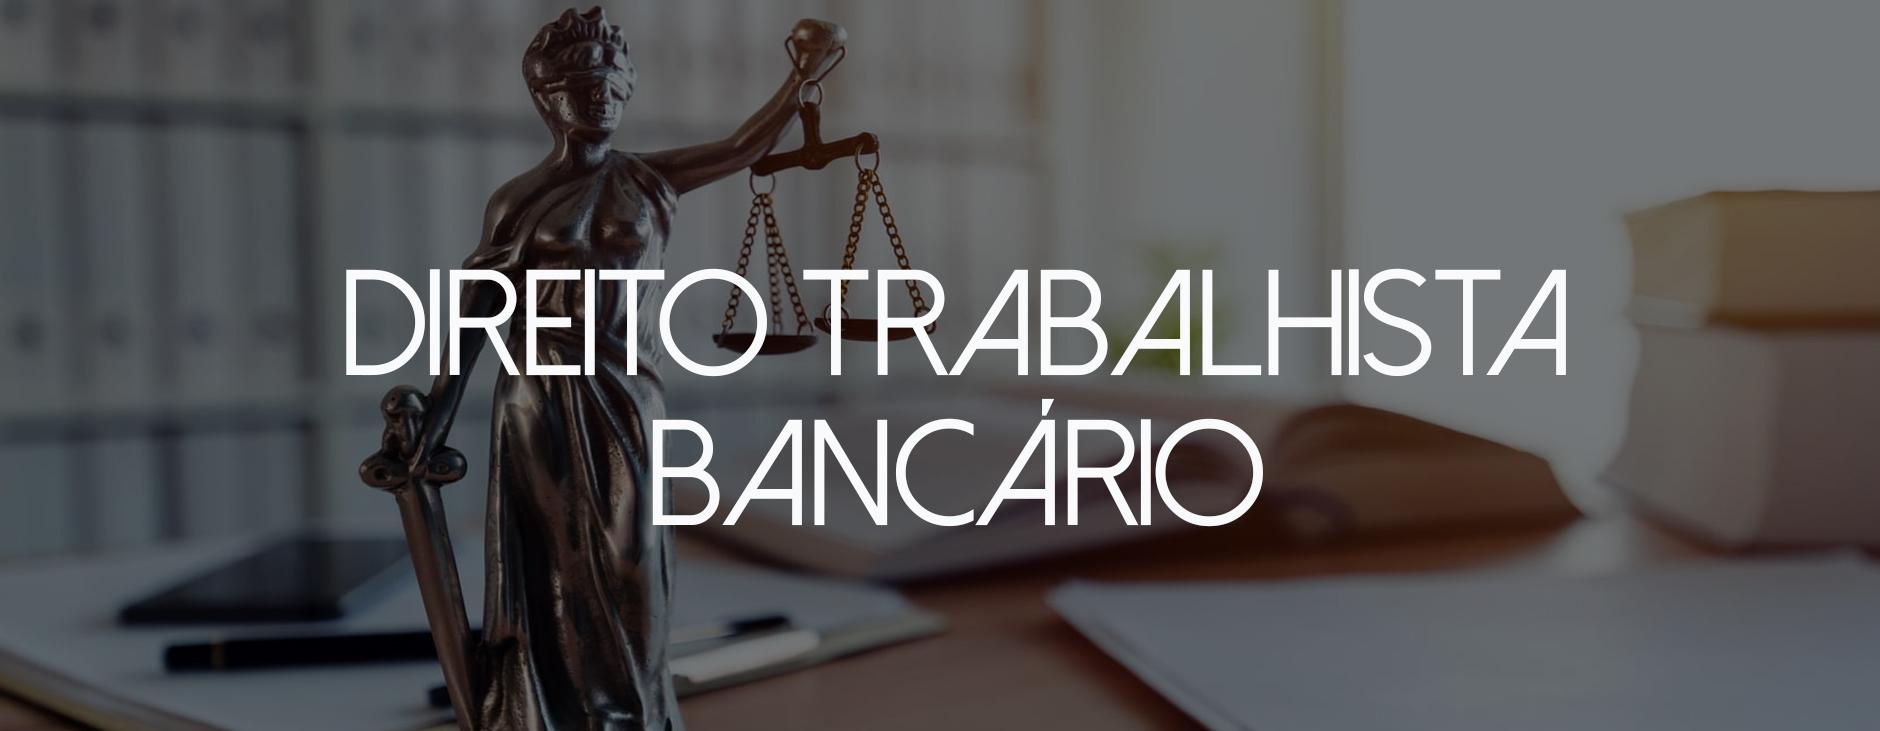 direito trabalhista bancário